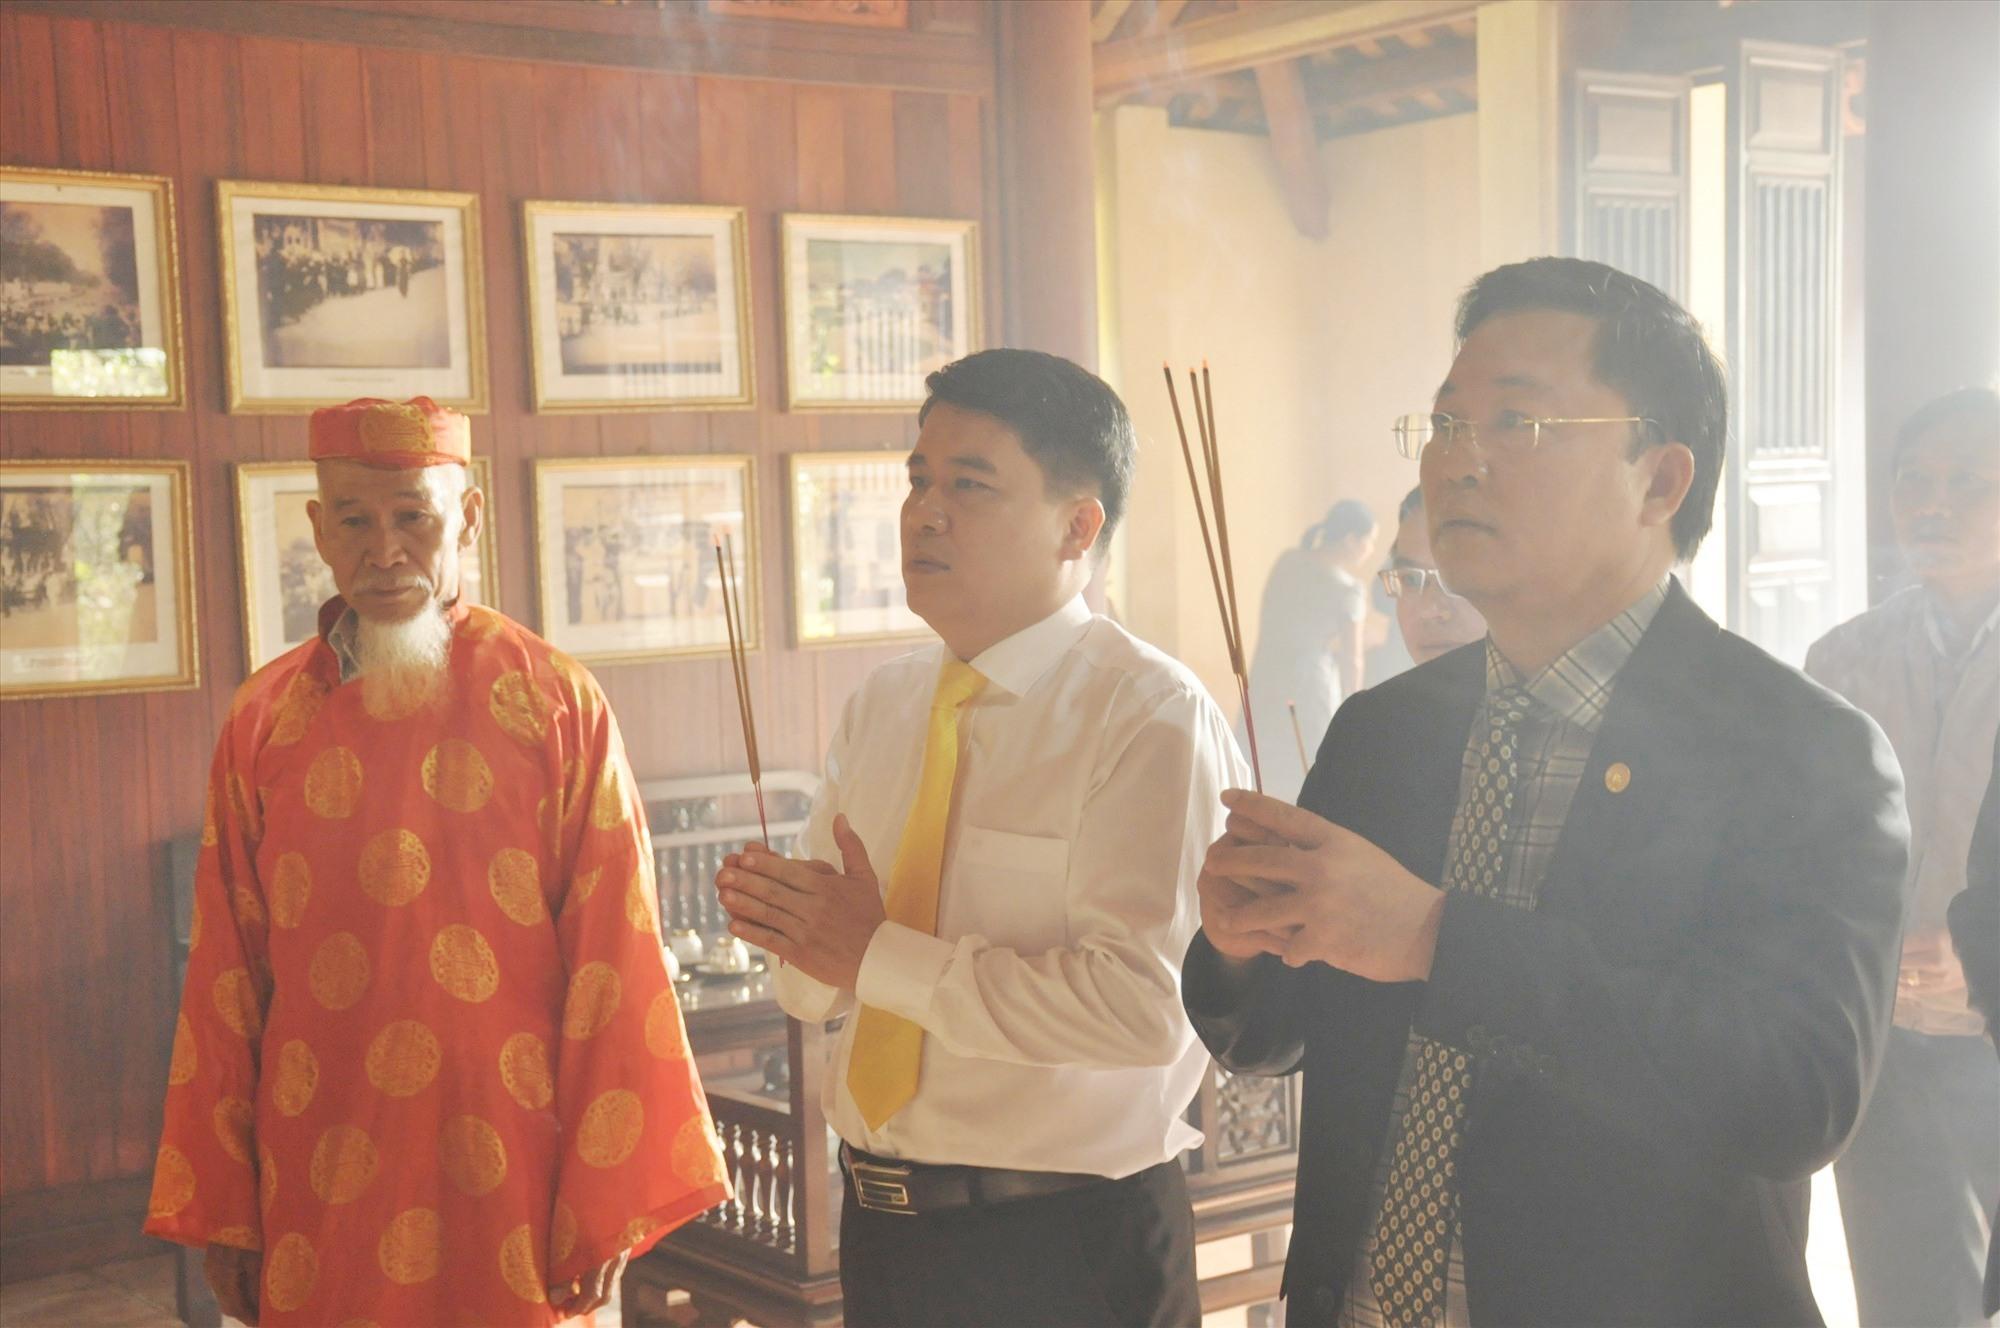 Chủ tịch UBND tỉnh Lê Trí Thanh và Phó Chủ tịch UBND tỉnh Trần Văn Tân dâng hương tại Nhà lưu niệm cụ Phan Châu Trinh. Ảnh: Đ.C